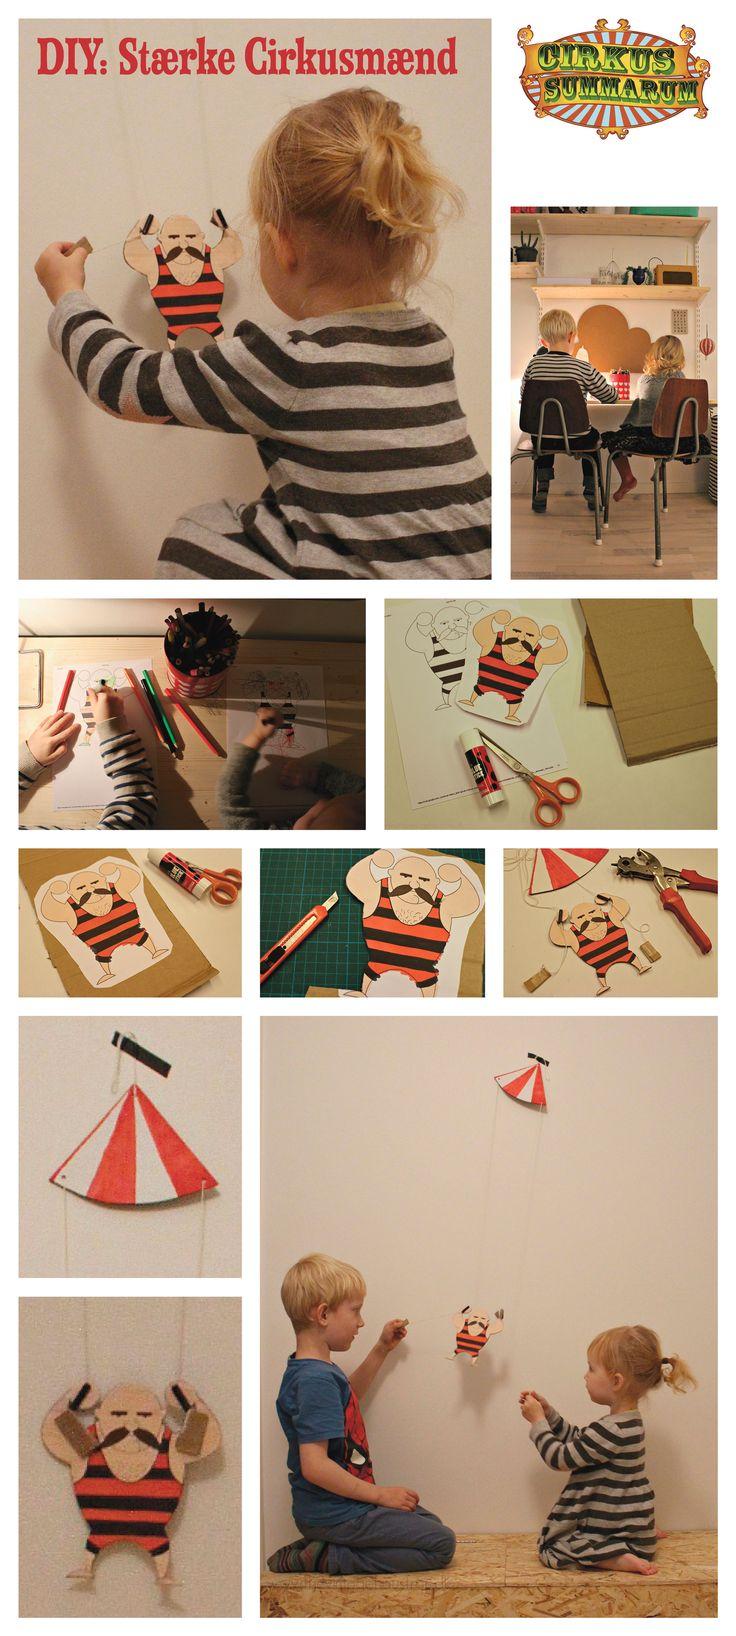 DIY de Stærkeste Cirkusmænd der kan klatre. DIY'en er lavet af den super kreative @vintagehausfrau og kan findes på  http://cirkussummarum.dk/lege/staerke-cirkusmaend/